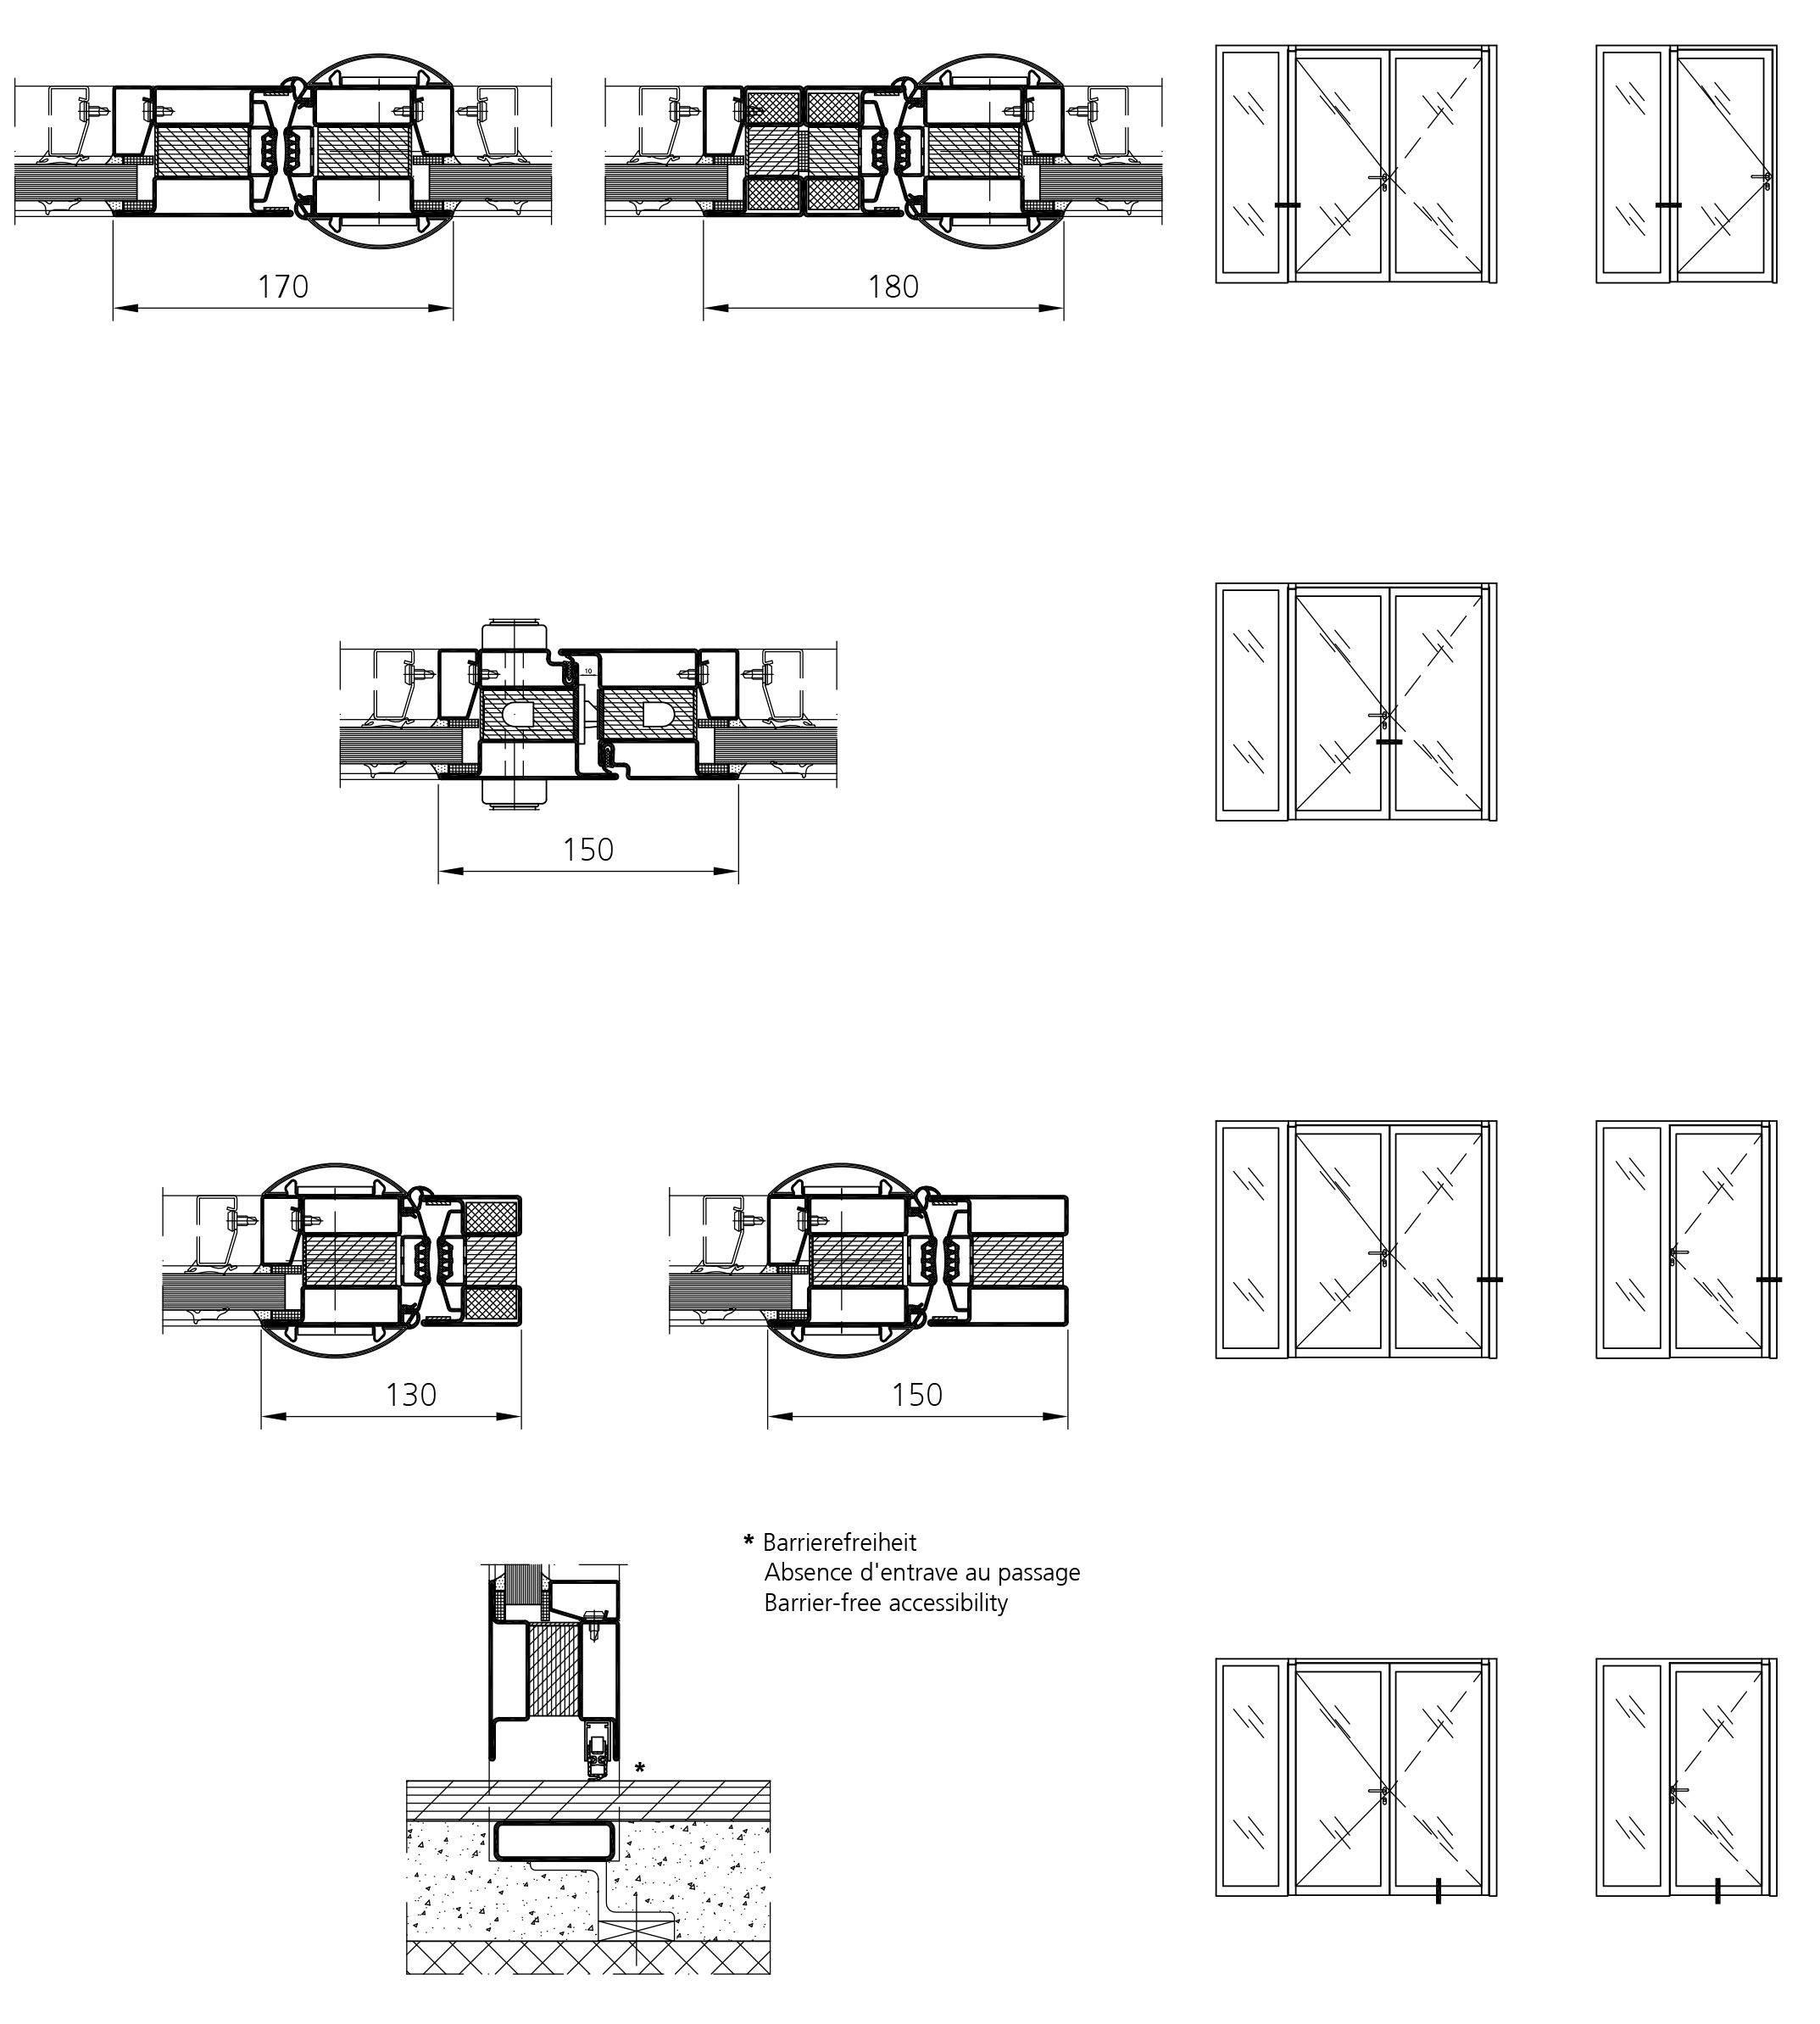 fire resistant door with finger protection forster profilsysteme ag arbon. Black Bedroom Furniture Sets. Home Design Ideas